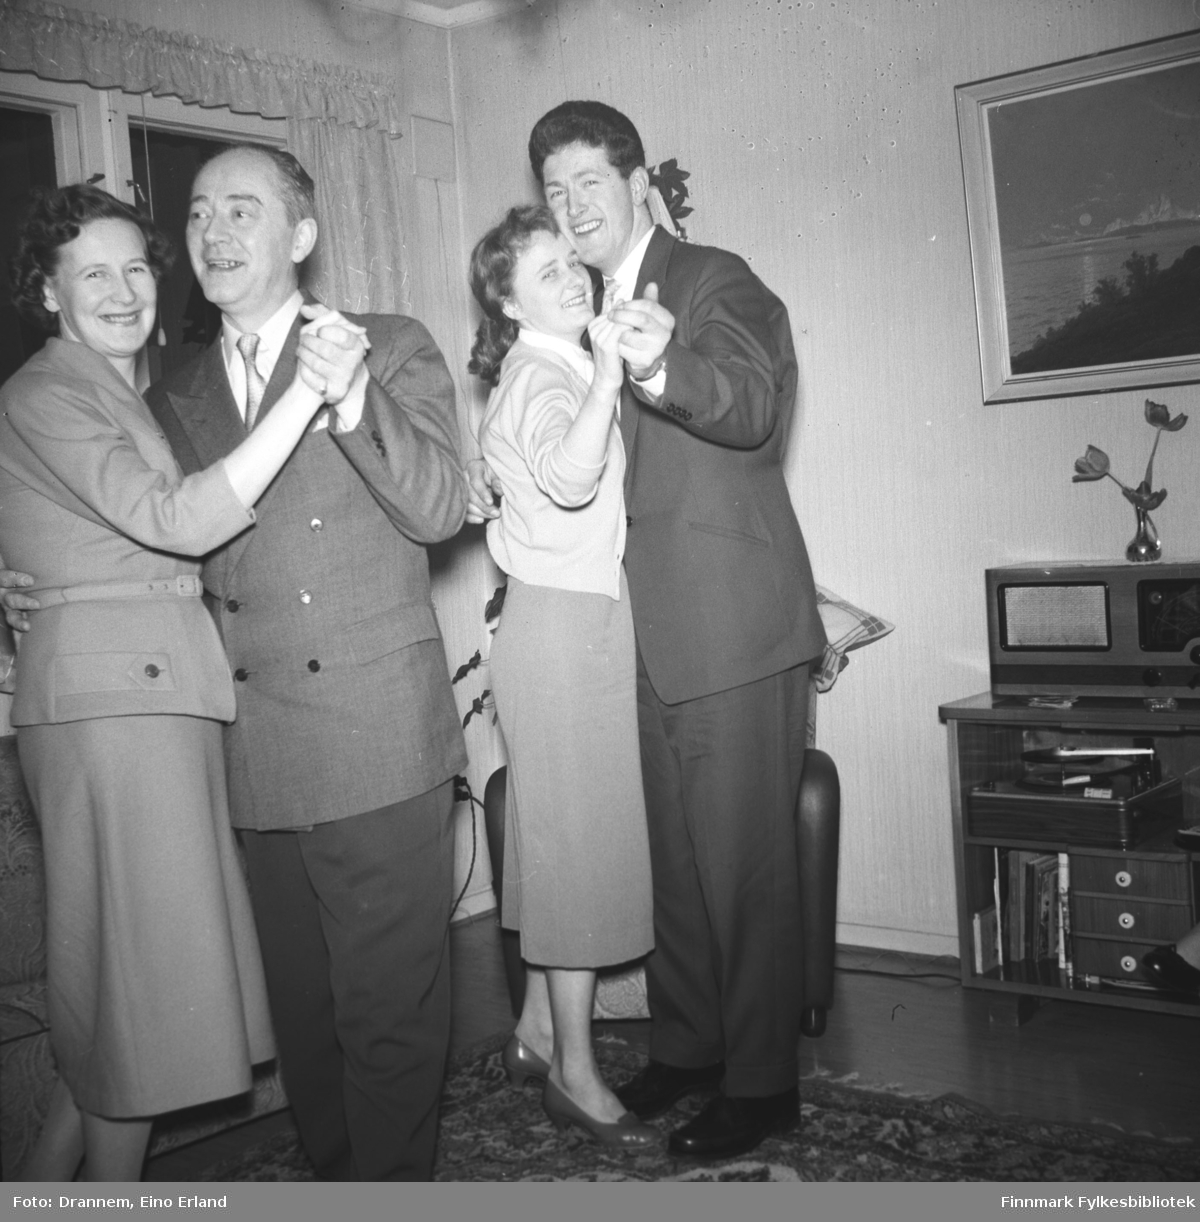 Gjestene hos familien Drannem danser. Reidun og Olav Sørensen til venstre